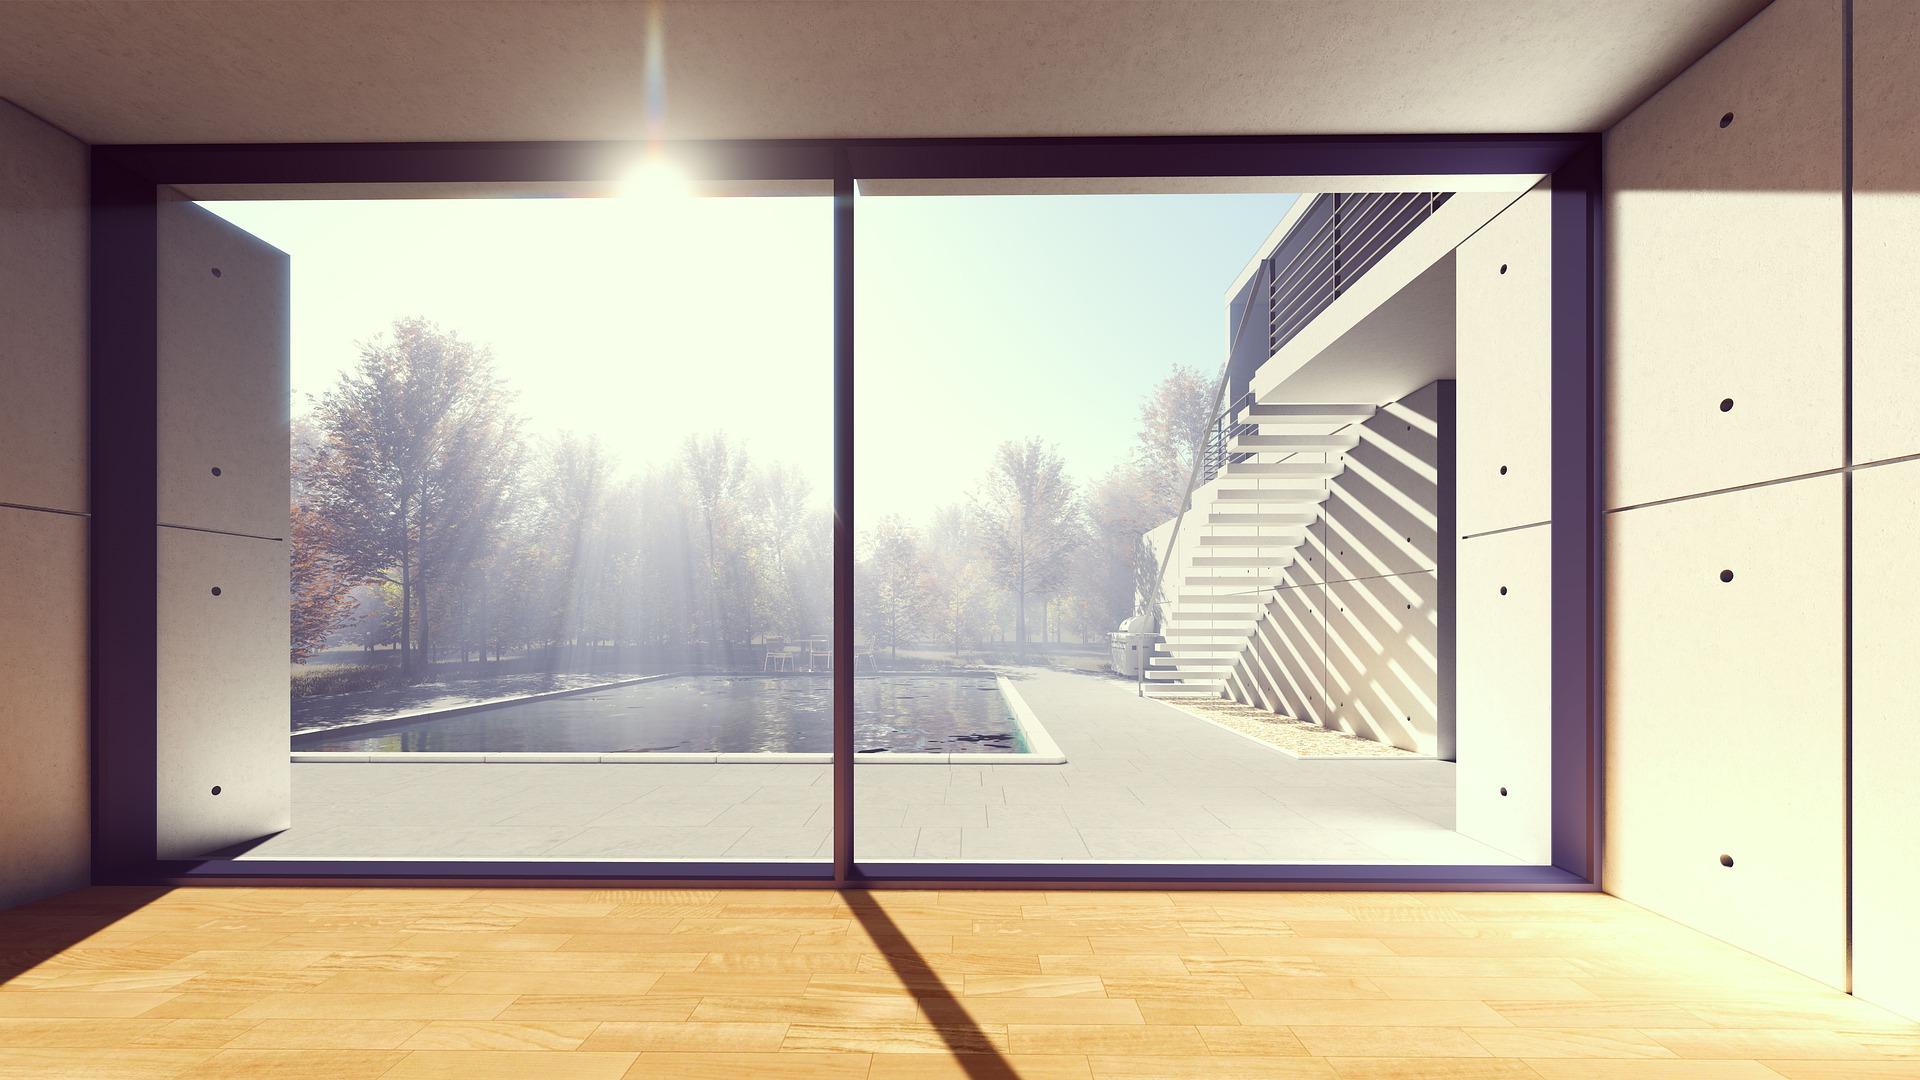 4_idées_de_conception_de_fenêtres_dont_vous_avez_besoin_pour_votre_maison